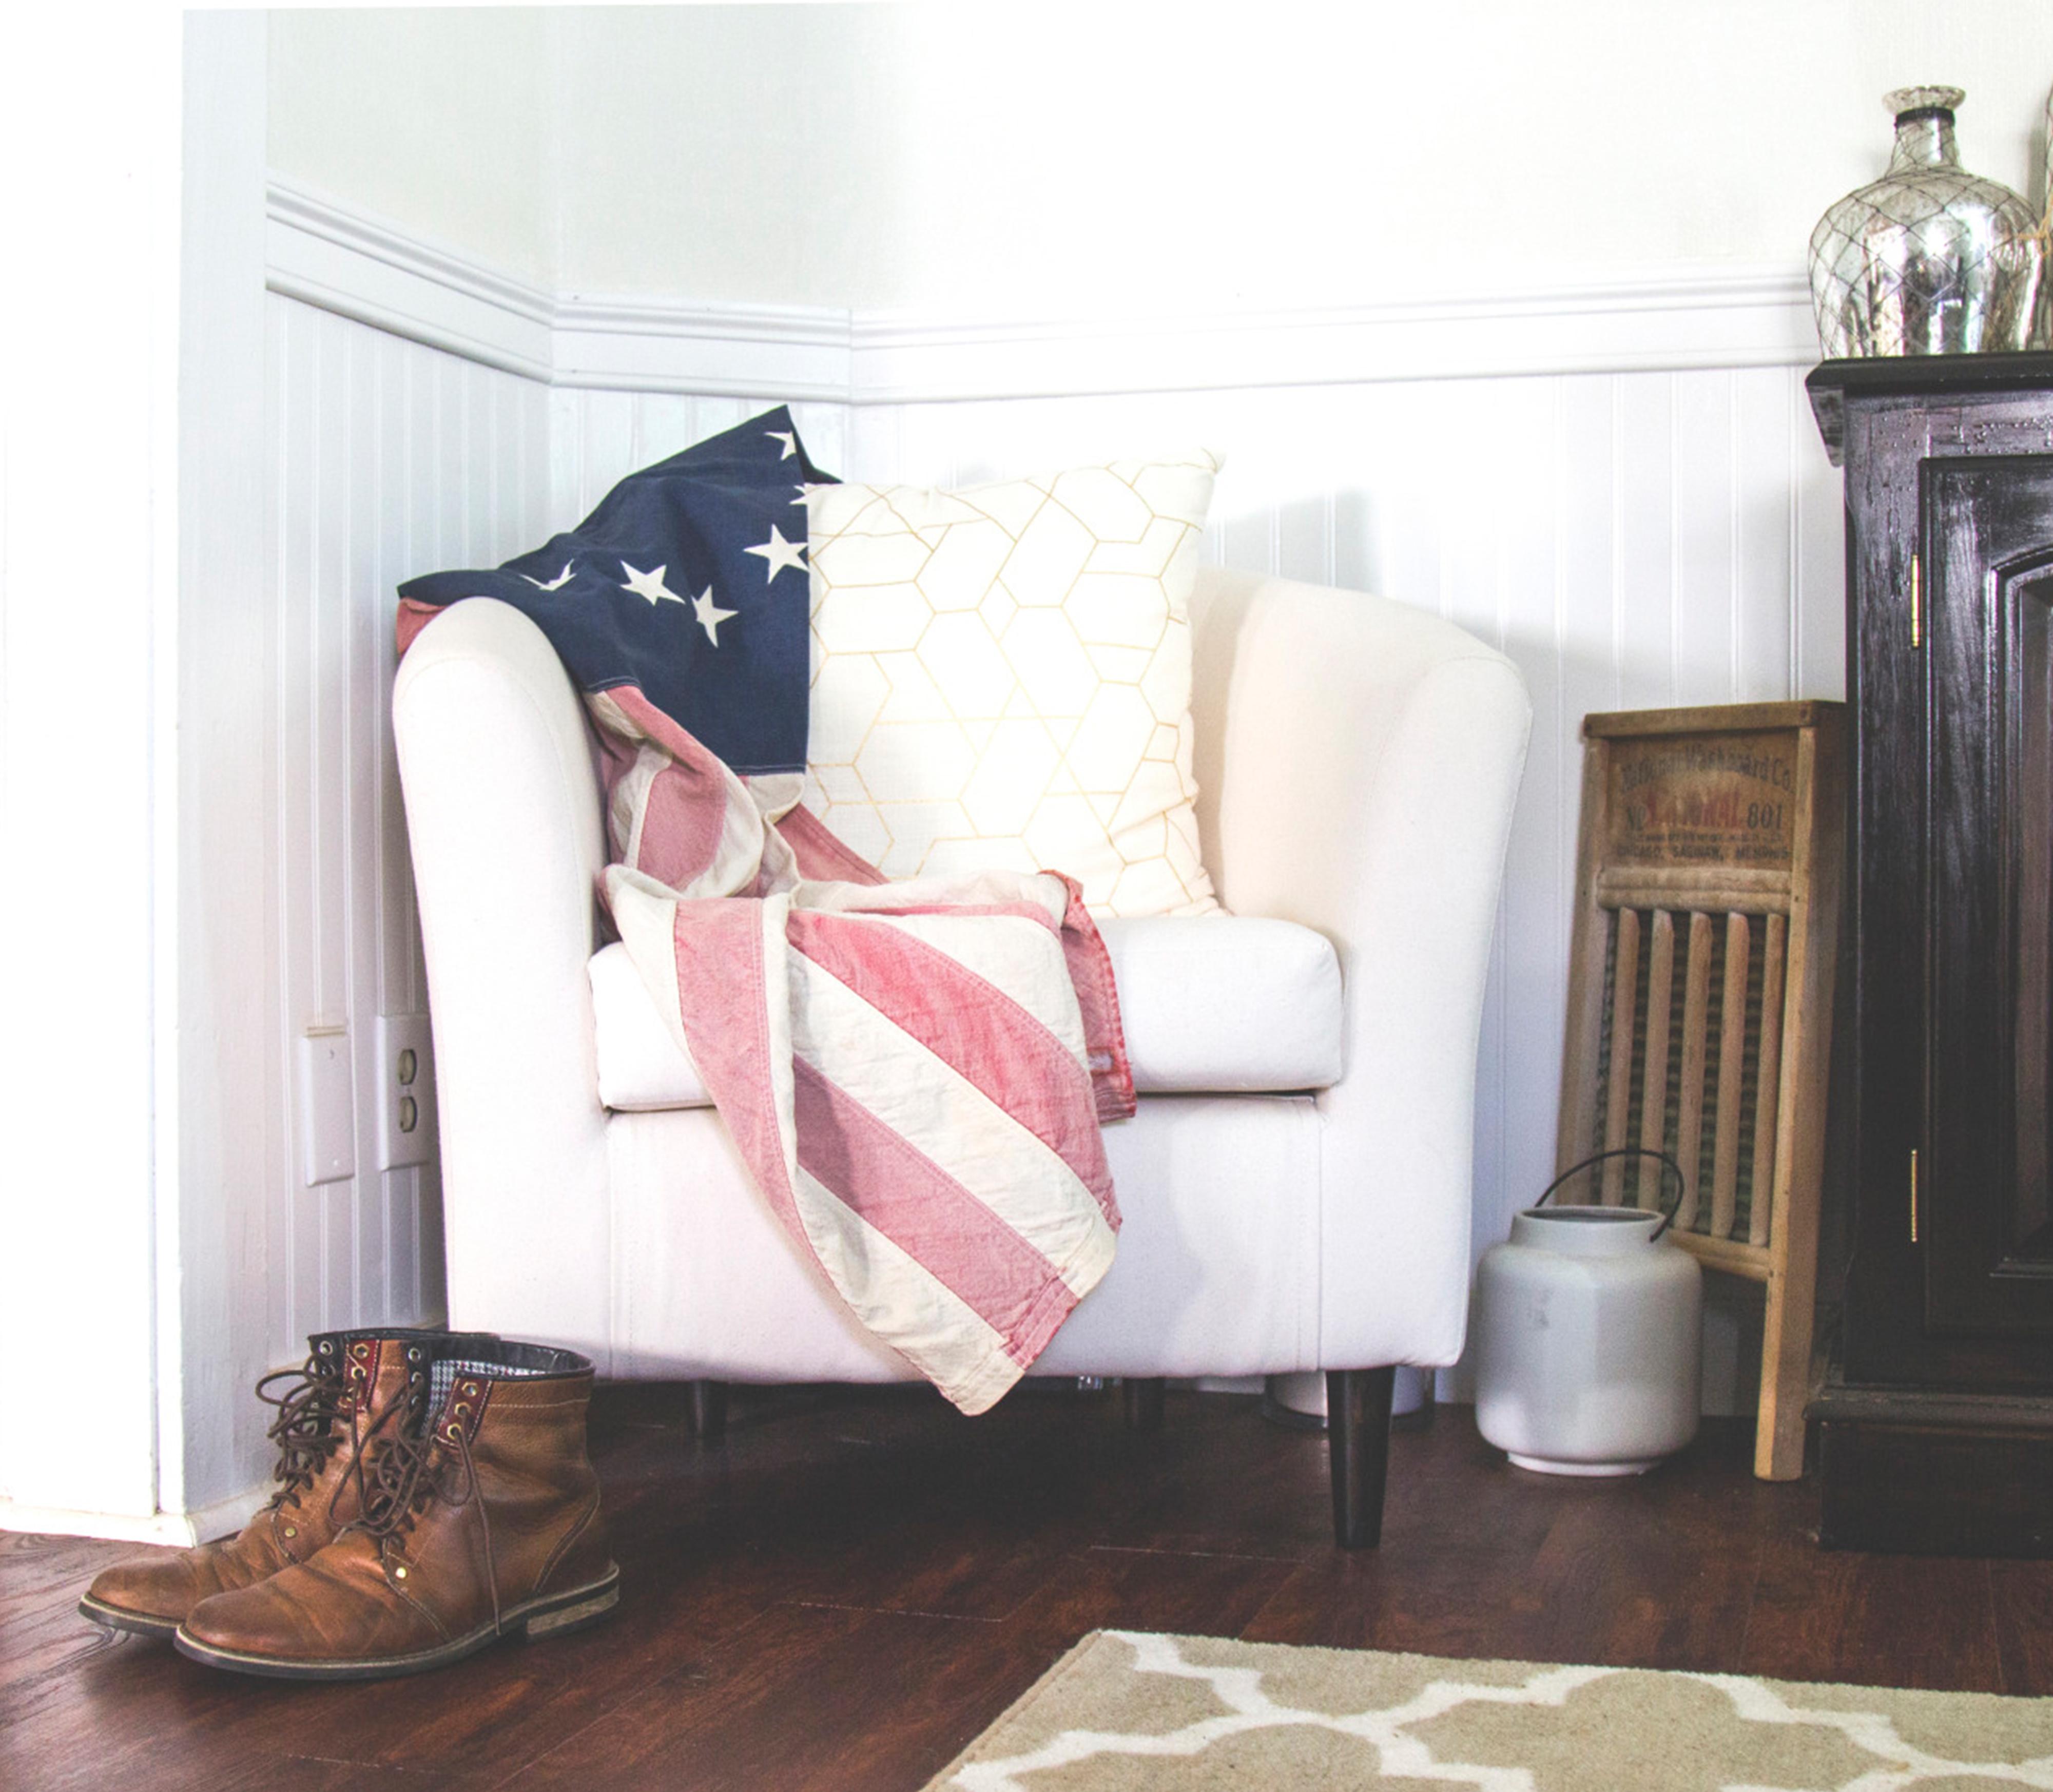 Images Gratuites Chaise EtatsUnis Drapeau Américain Salon - Chaise de chambre design